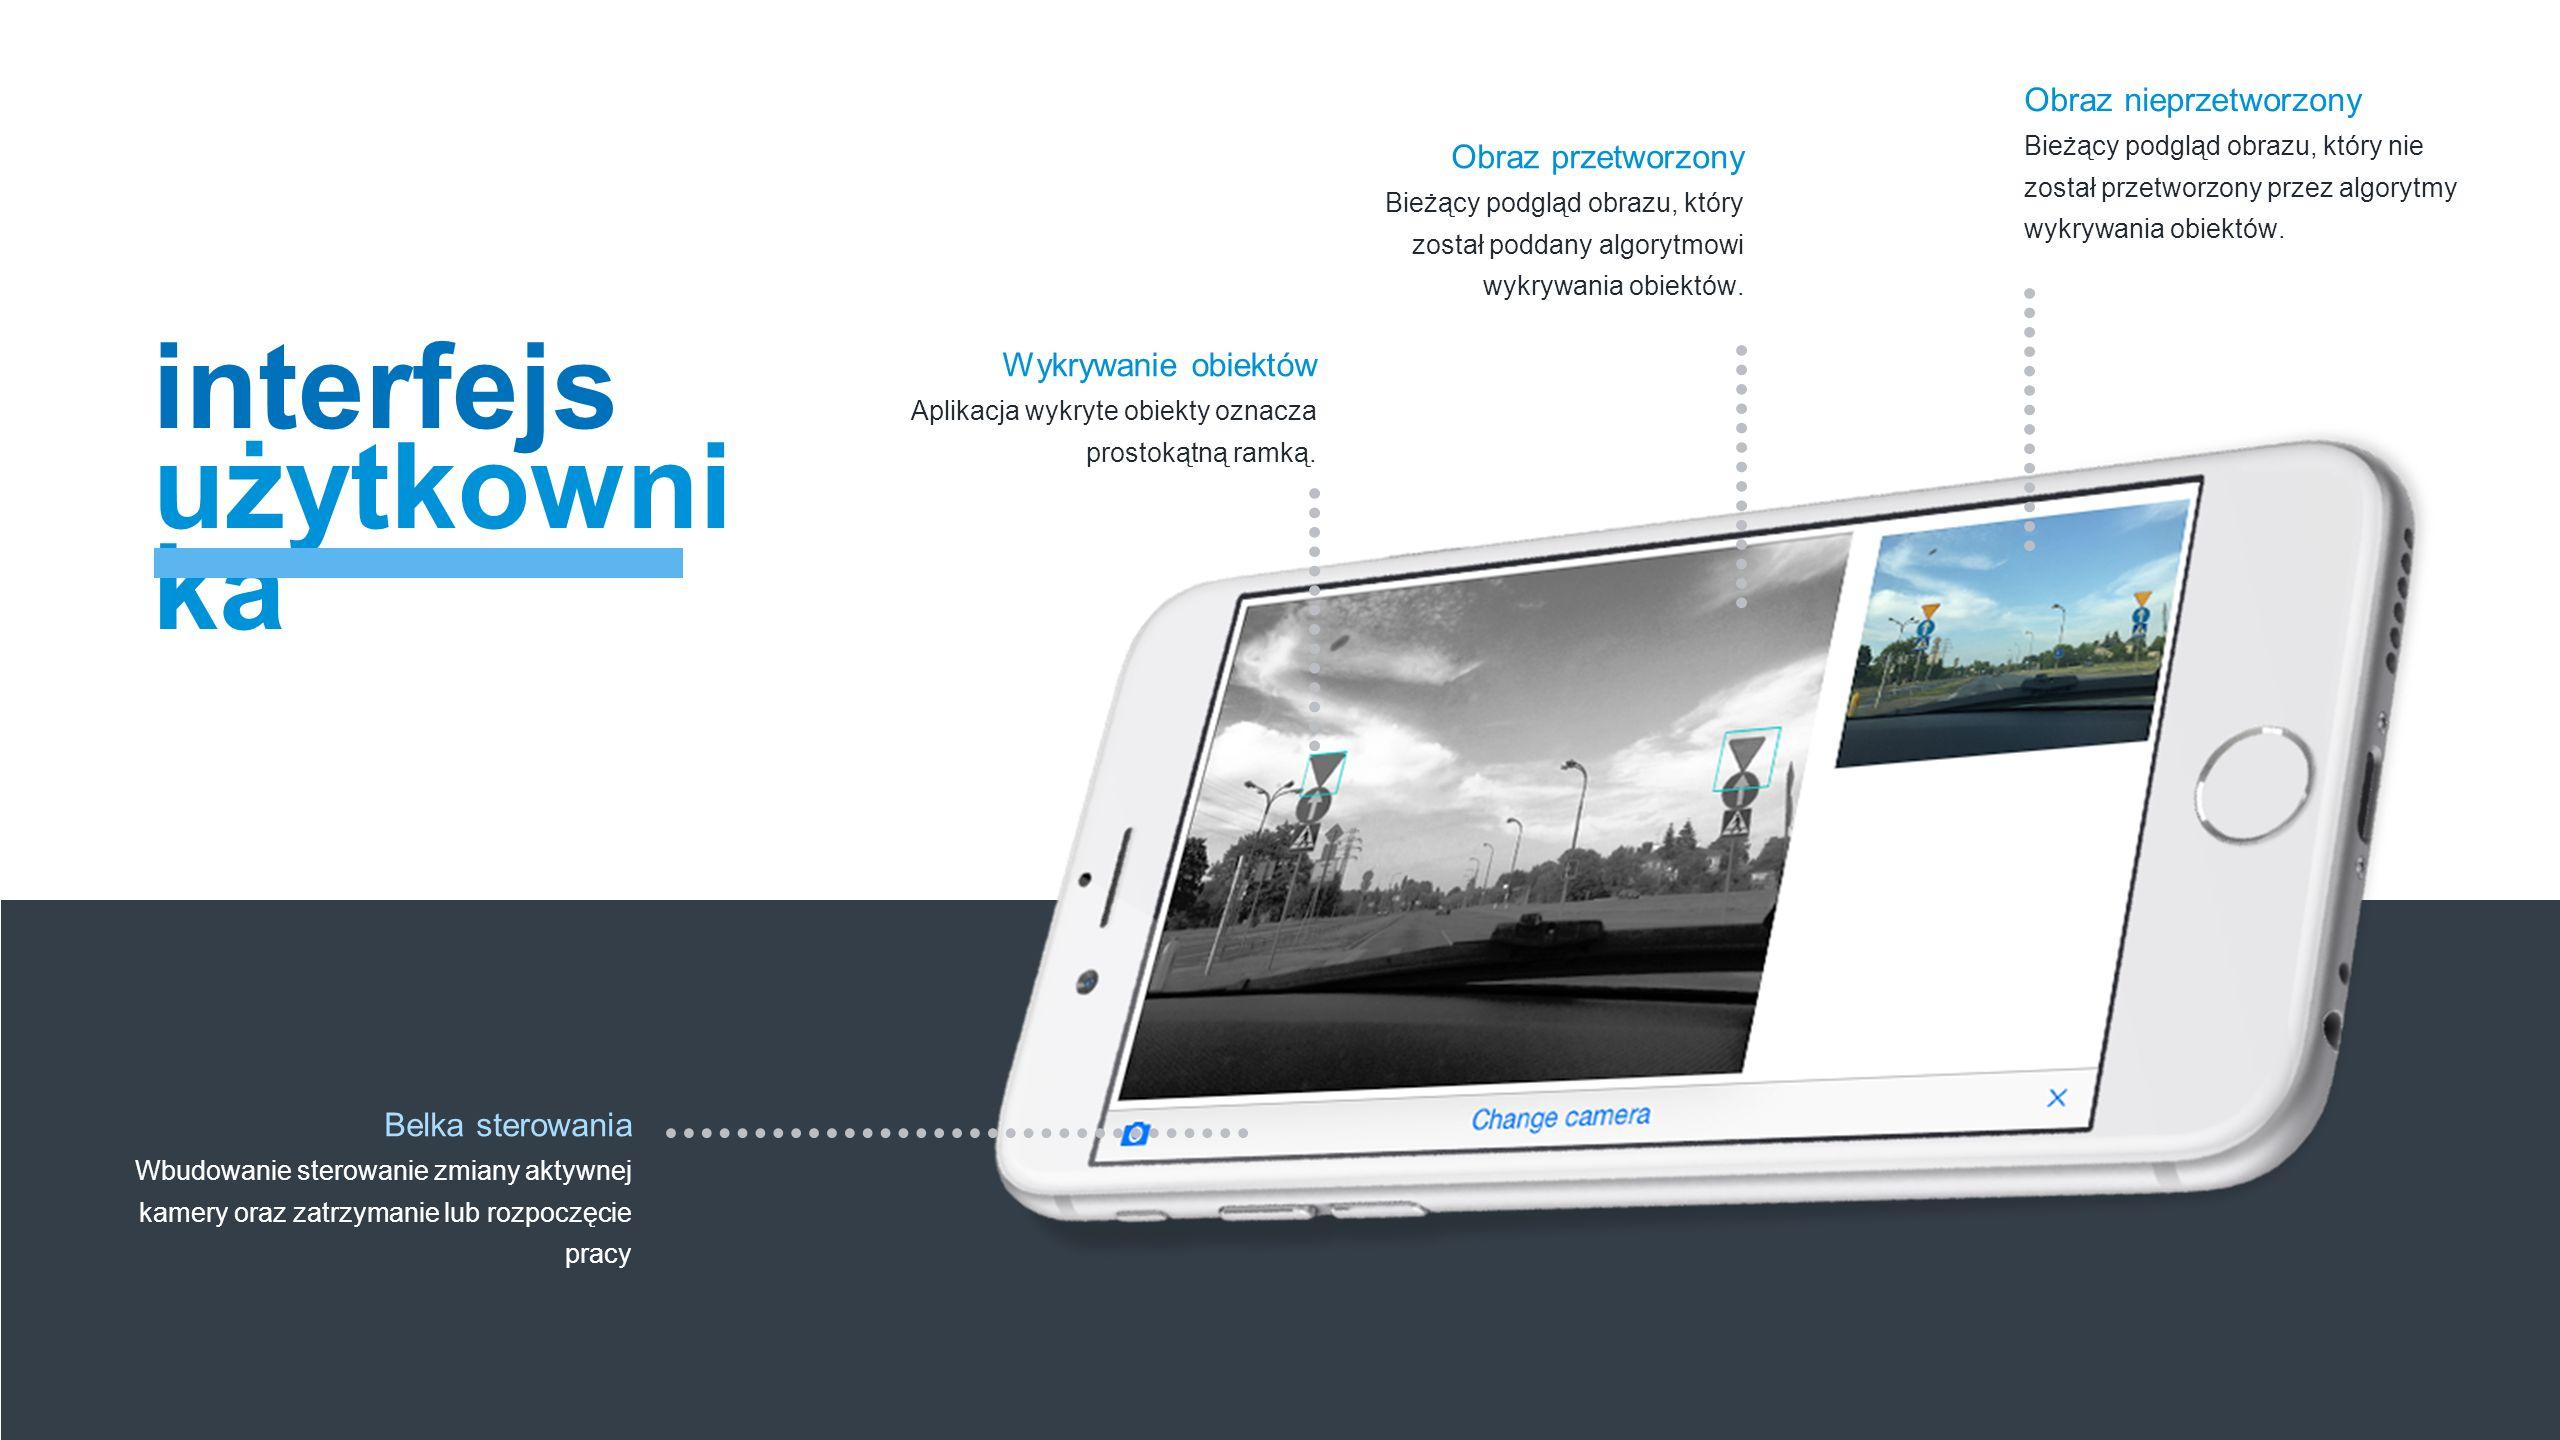 interfejs użytkowni ka Obraz nieprzetworzony Bieżący podgląd obrazu, który nie został przetworzony przez algorytmy wykrywania obiektów. Obraz przetwor